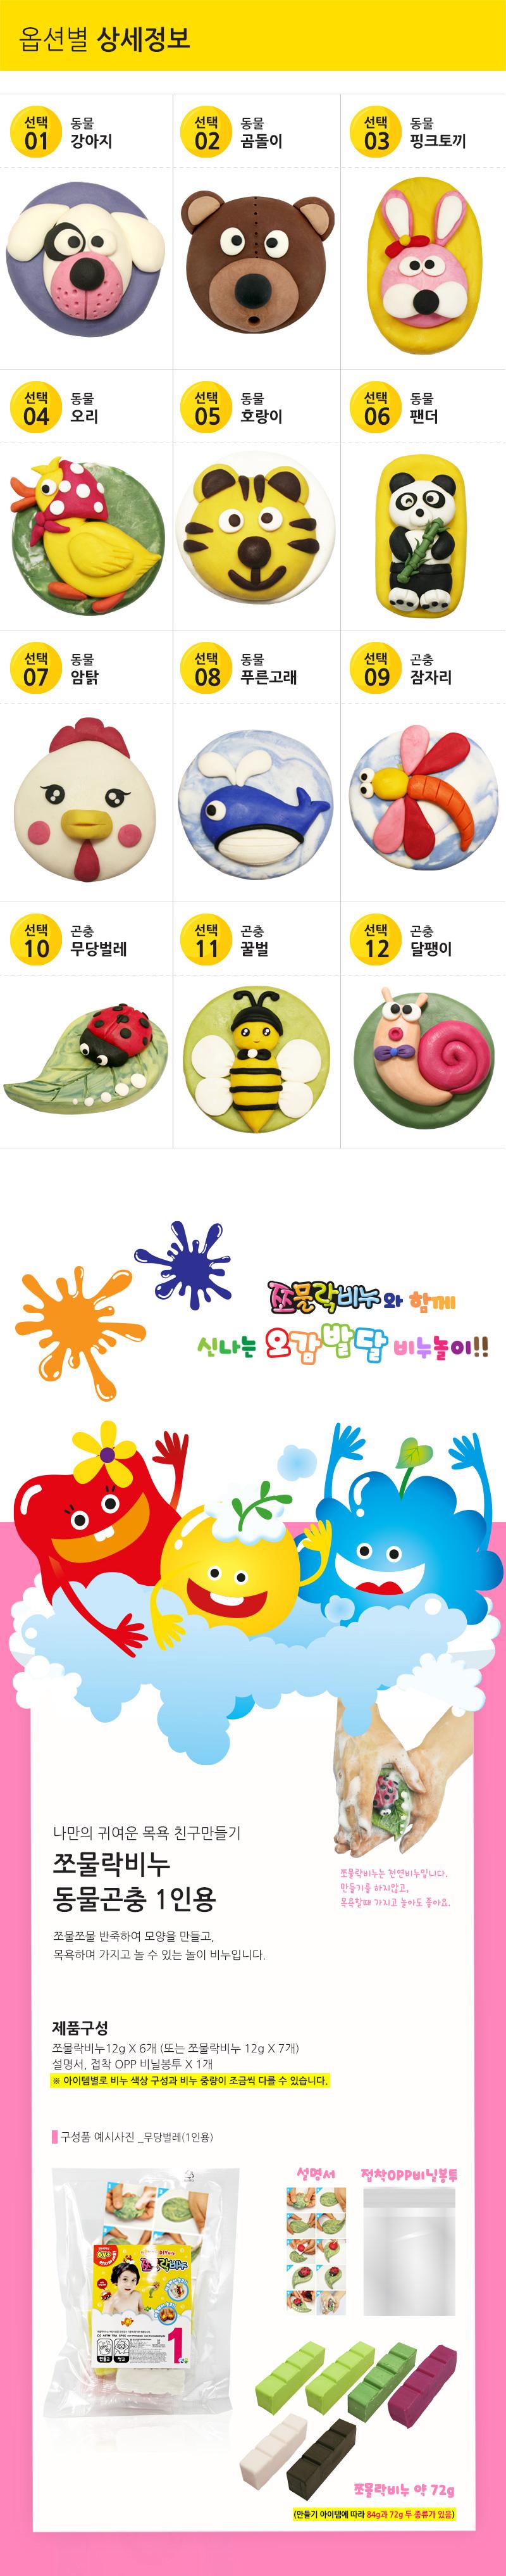 비누클레이-아트솝클레이-동물곤충 비누 만들기 (1인용)5,000원-쪼물락비누키덜트/취미, 핸드메이드/DIY, 비누공예, 비누공예패키지바보사랑비누클레이-아트솝클레이-동물곤충 비누 만들기 (1인용)5,000원-쪼물락비누키덜트/취미, 핸드메이드/DIY, 비누공예, 비누공예패키지바보사랑